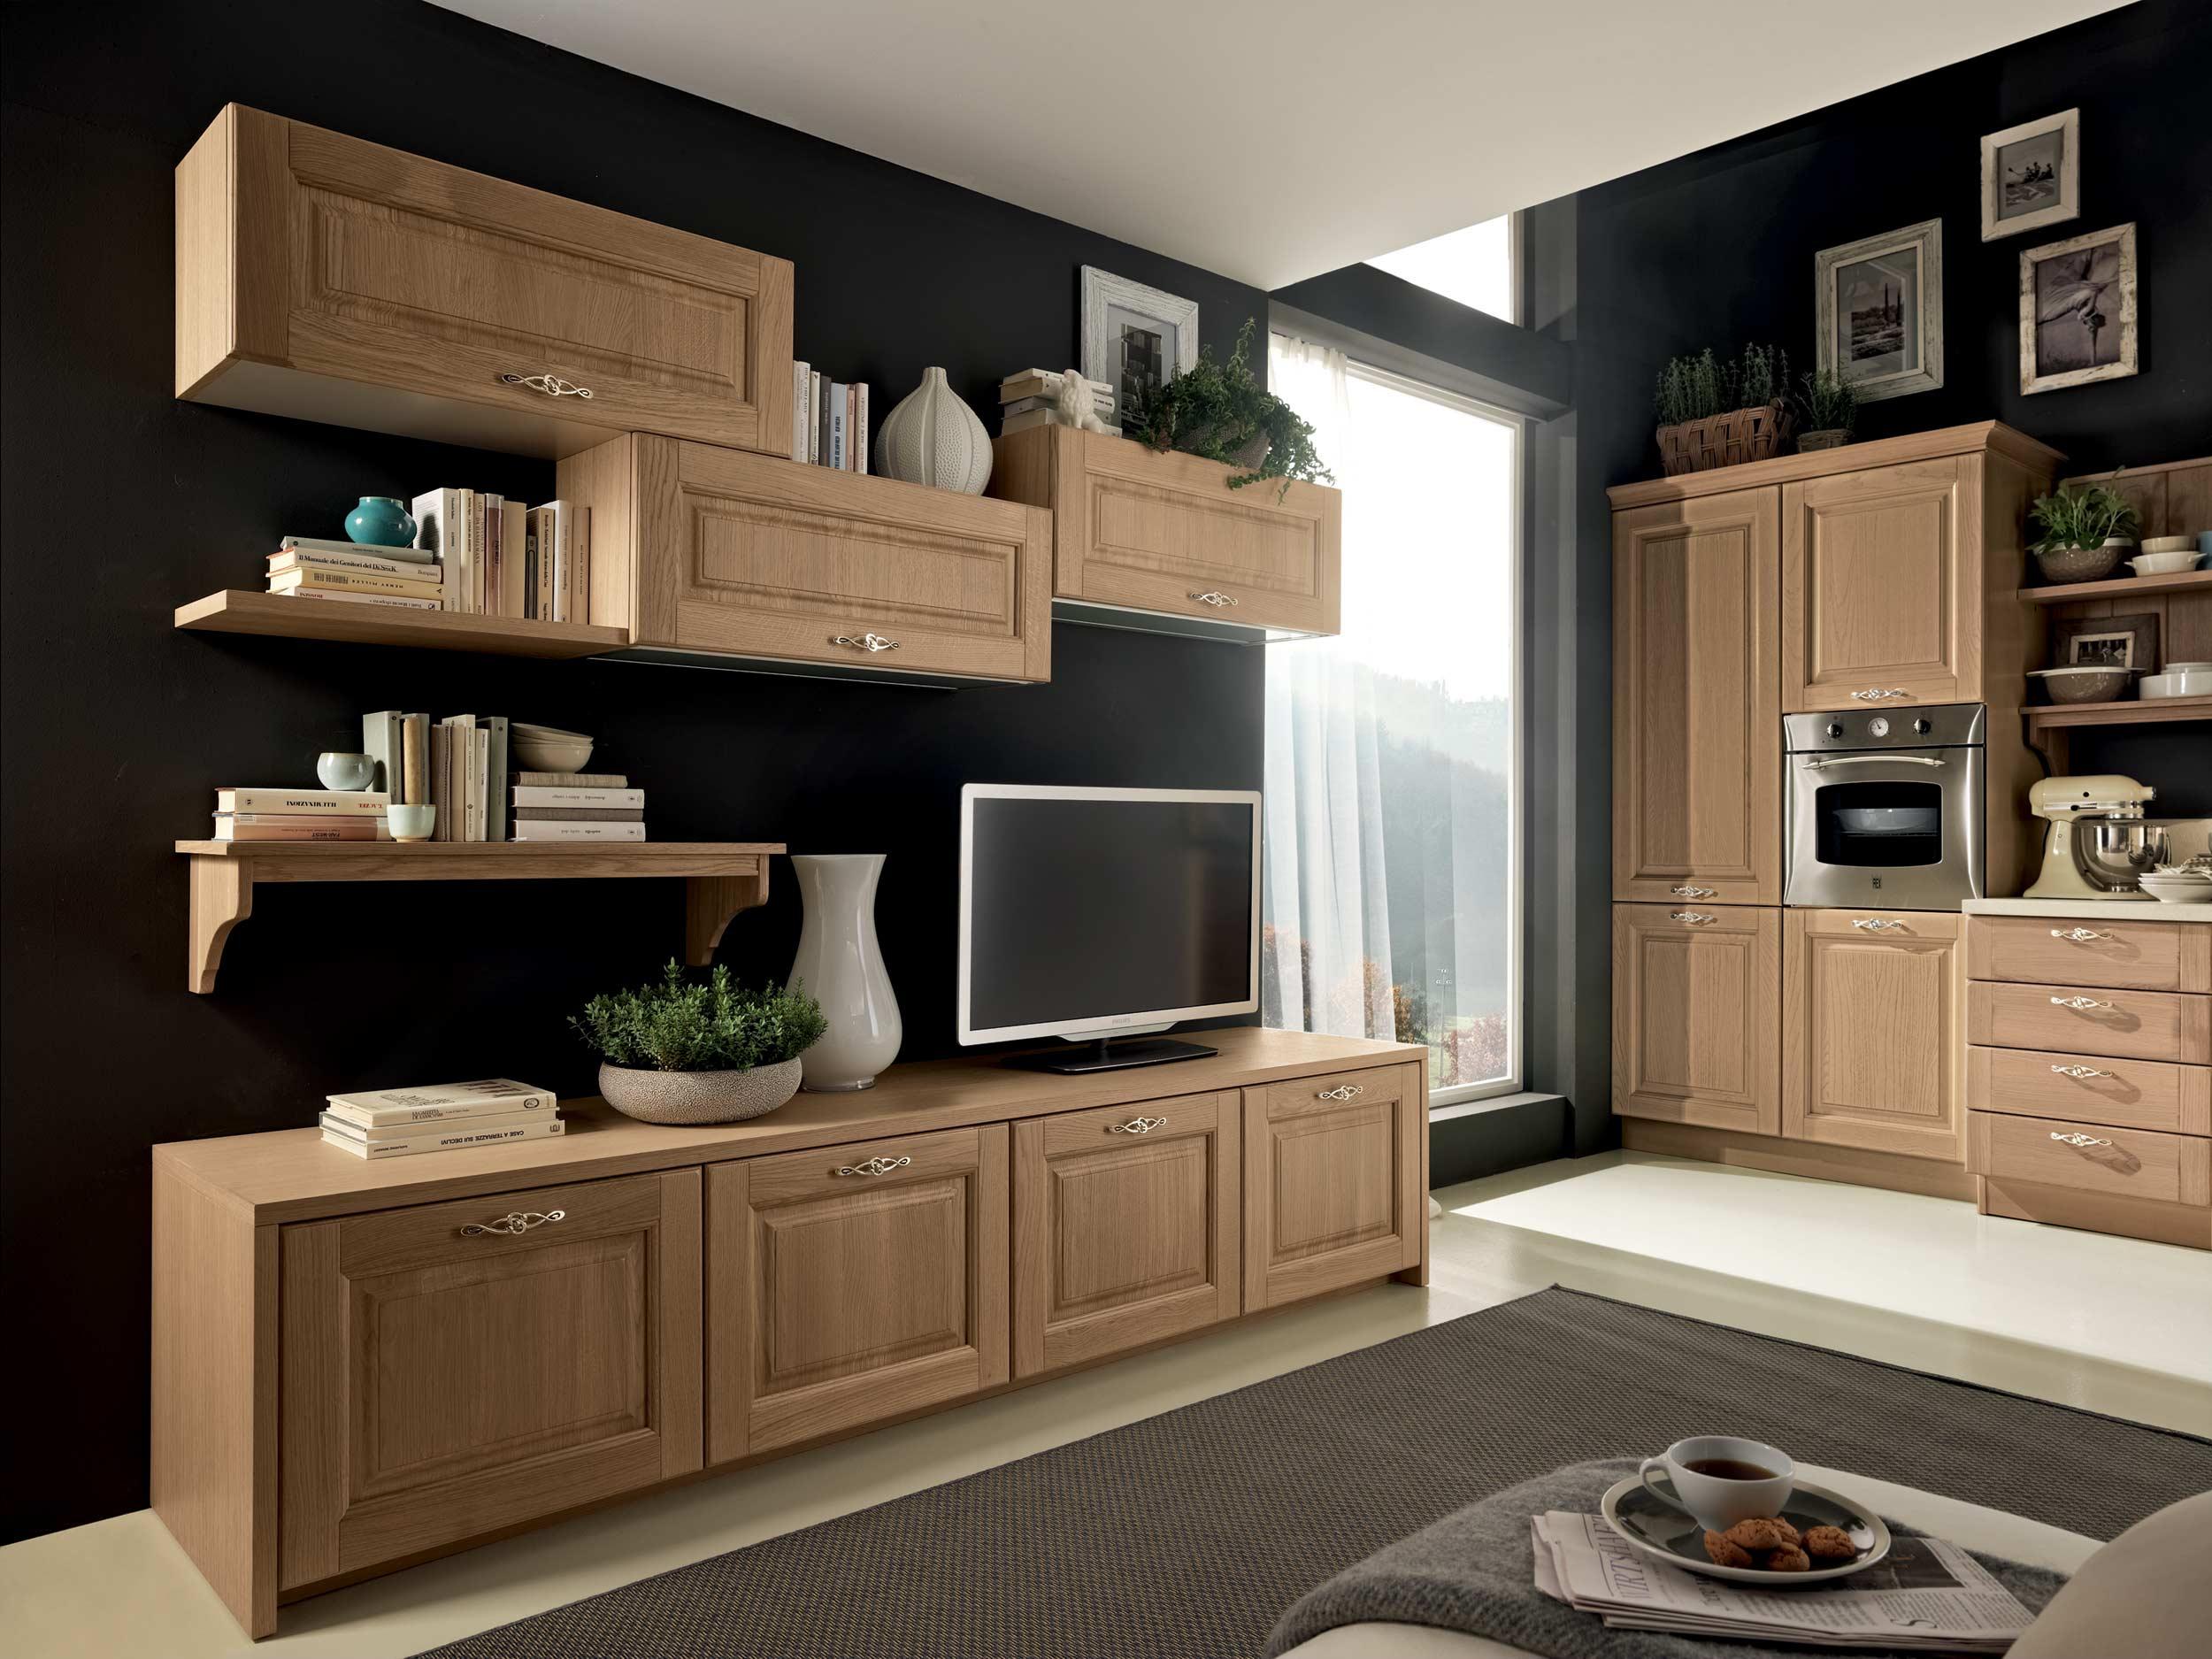 cucina bolgheri – stosa cucine ravenna